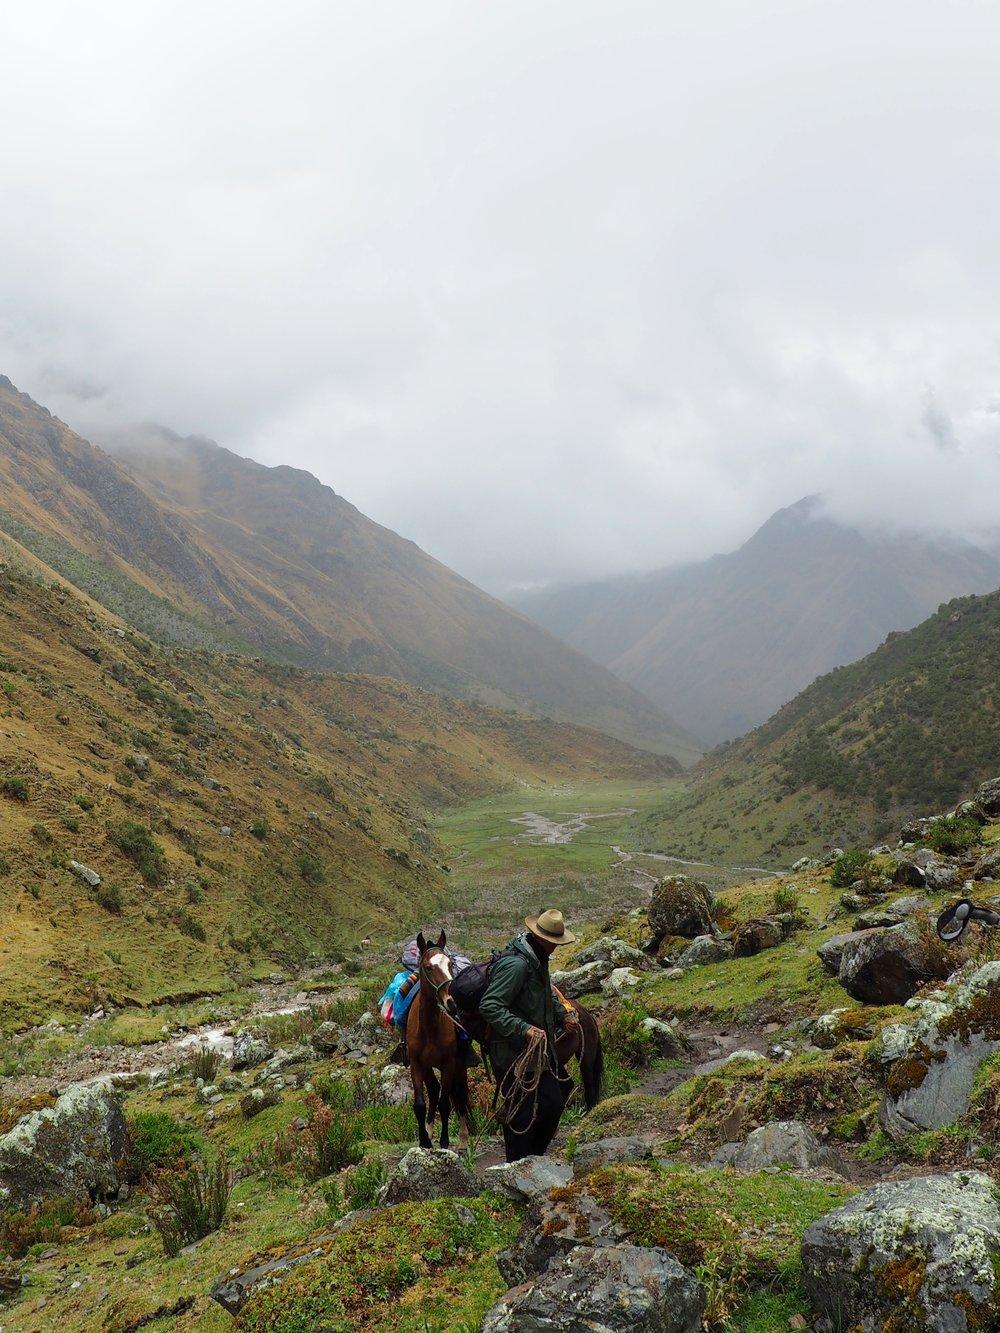 Horseman on the Salkantay Trek, Peru 2017